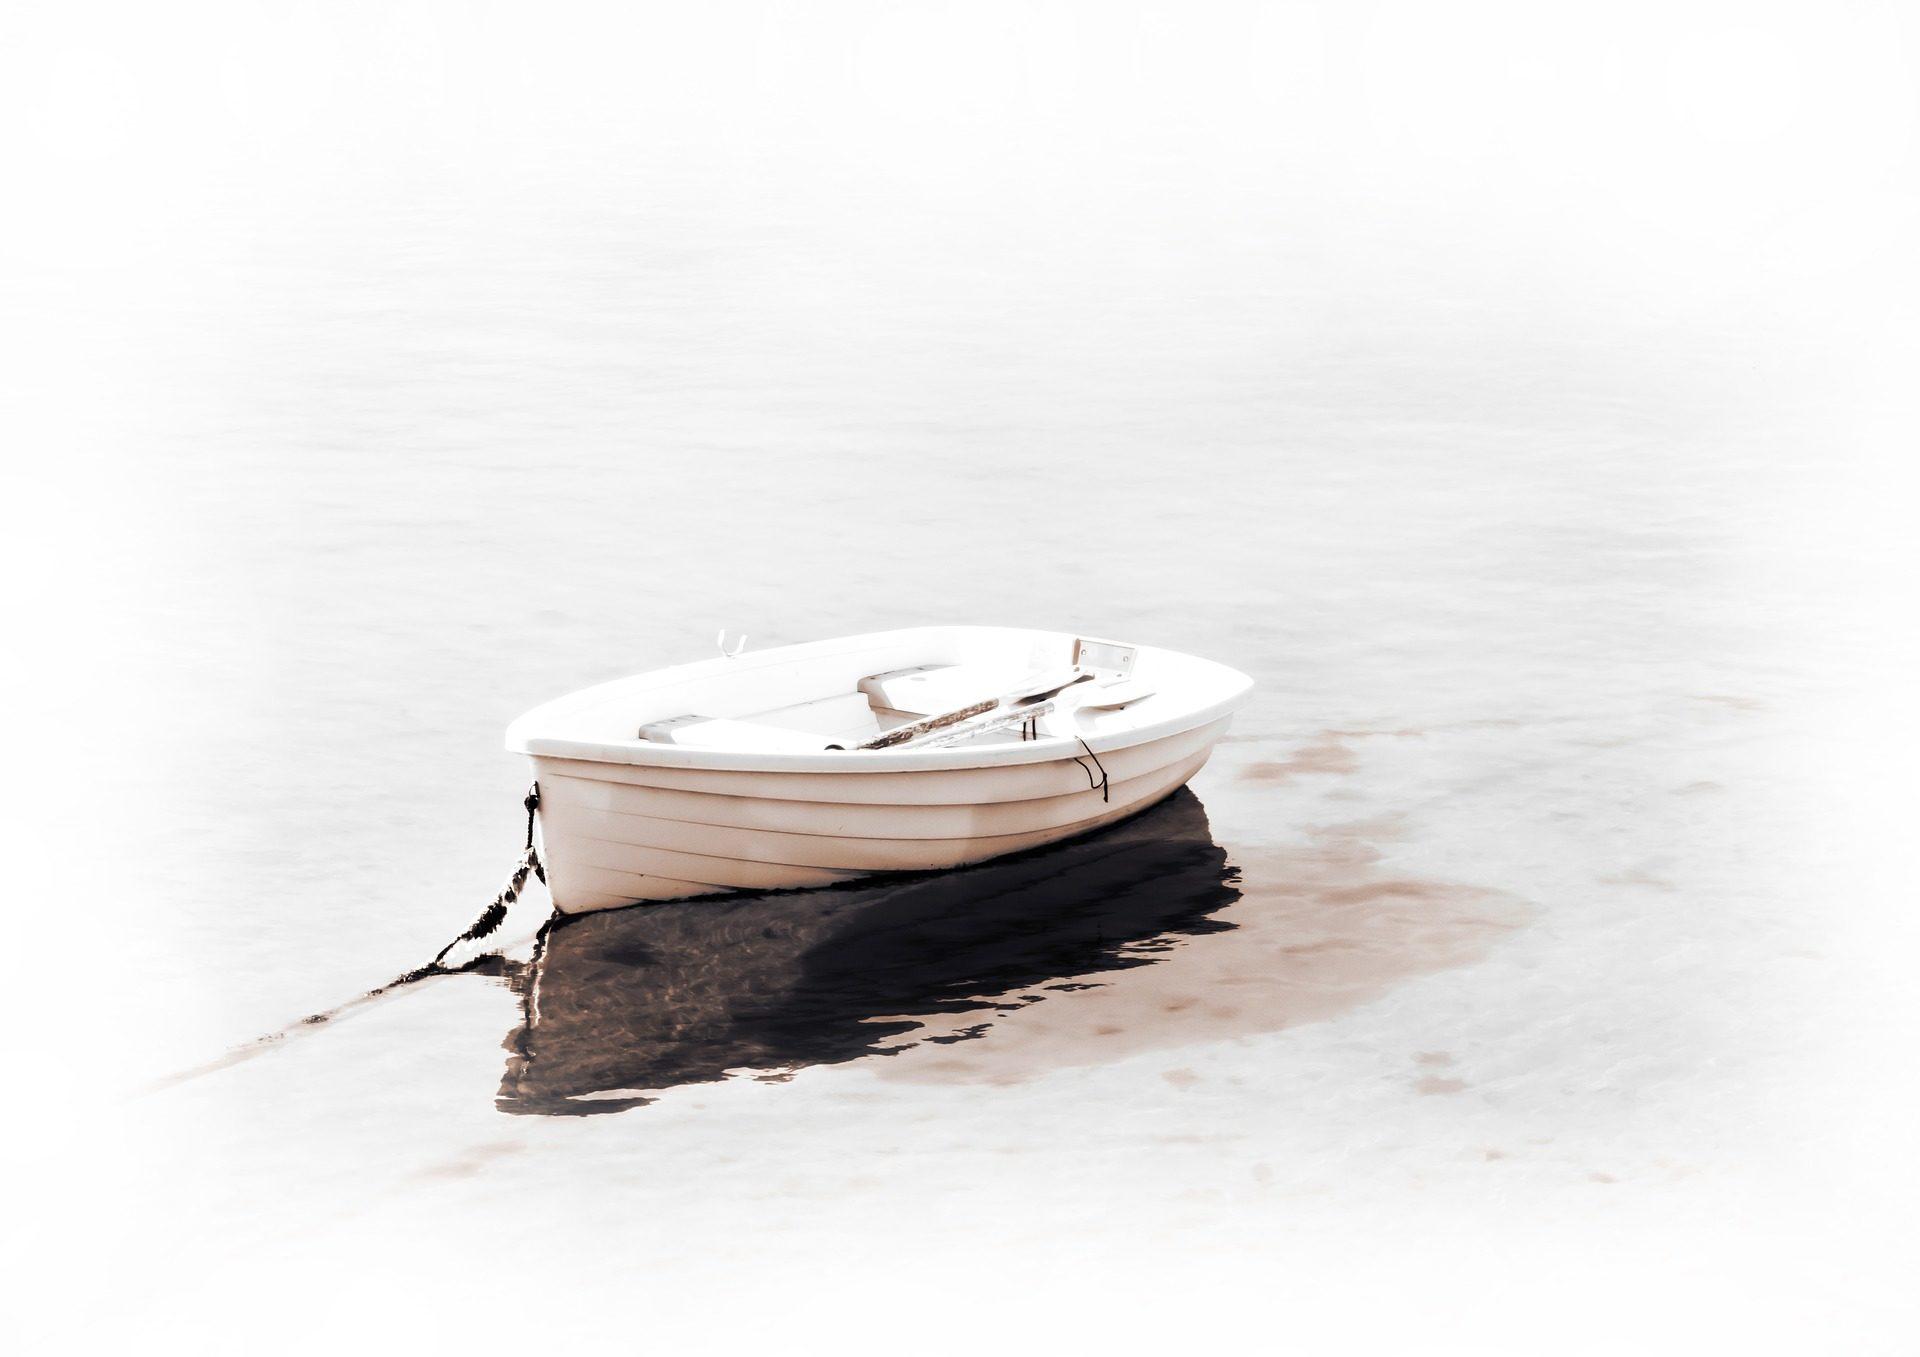 小船, 巴萨, 湖, 反思, 白色 - 高清壁纸 - 教授-falken.com